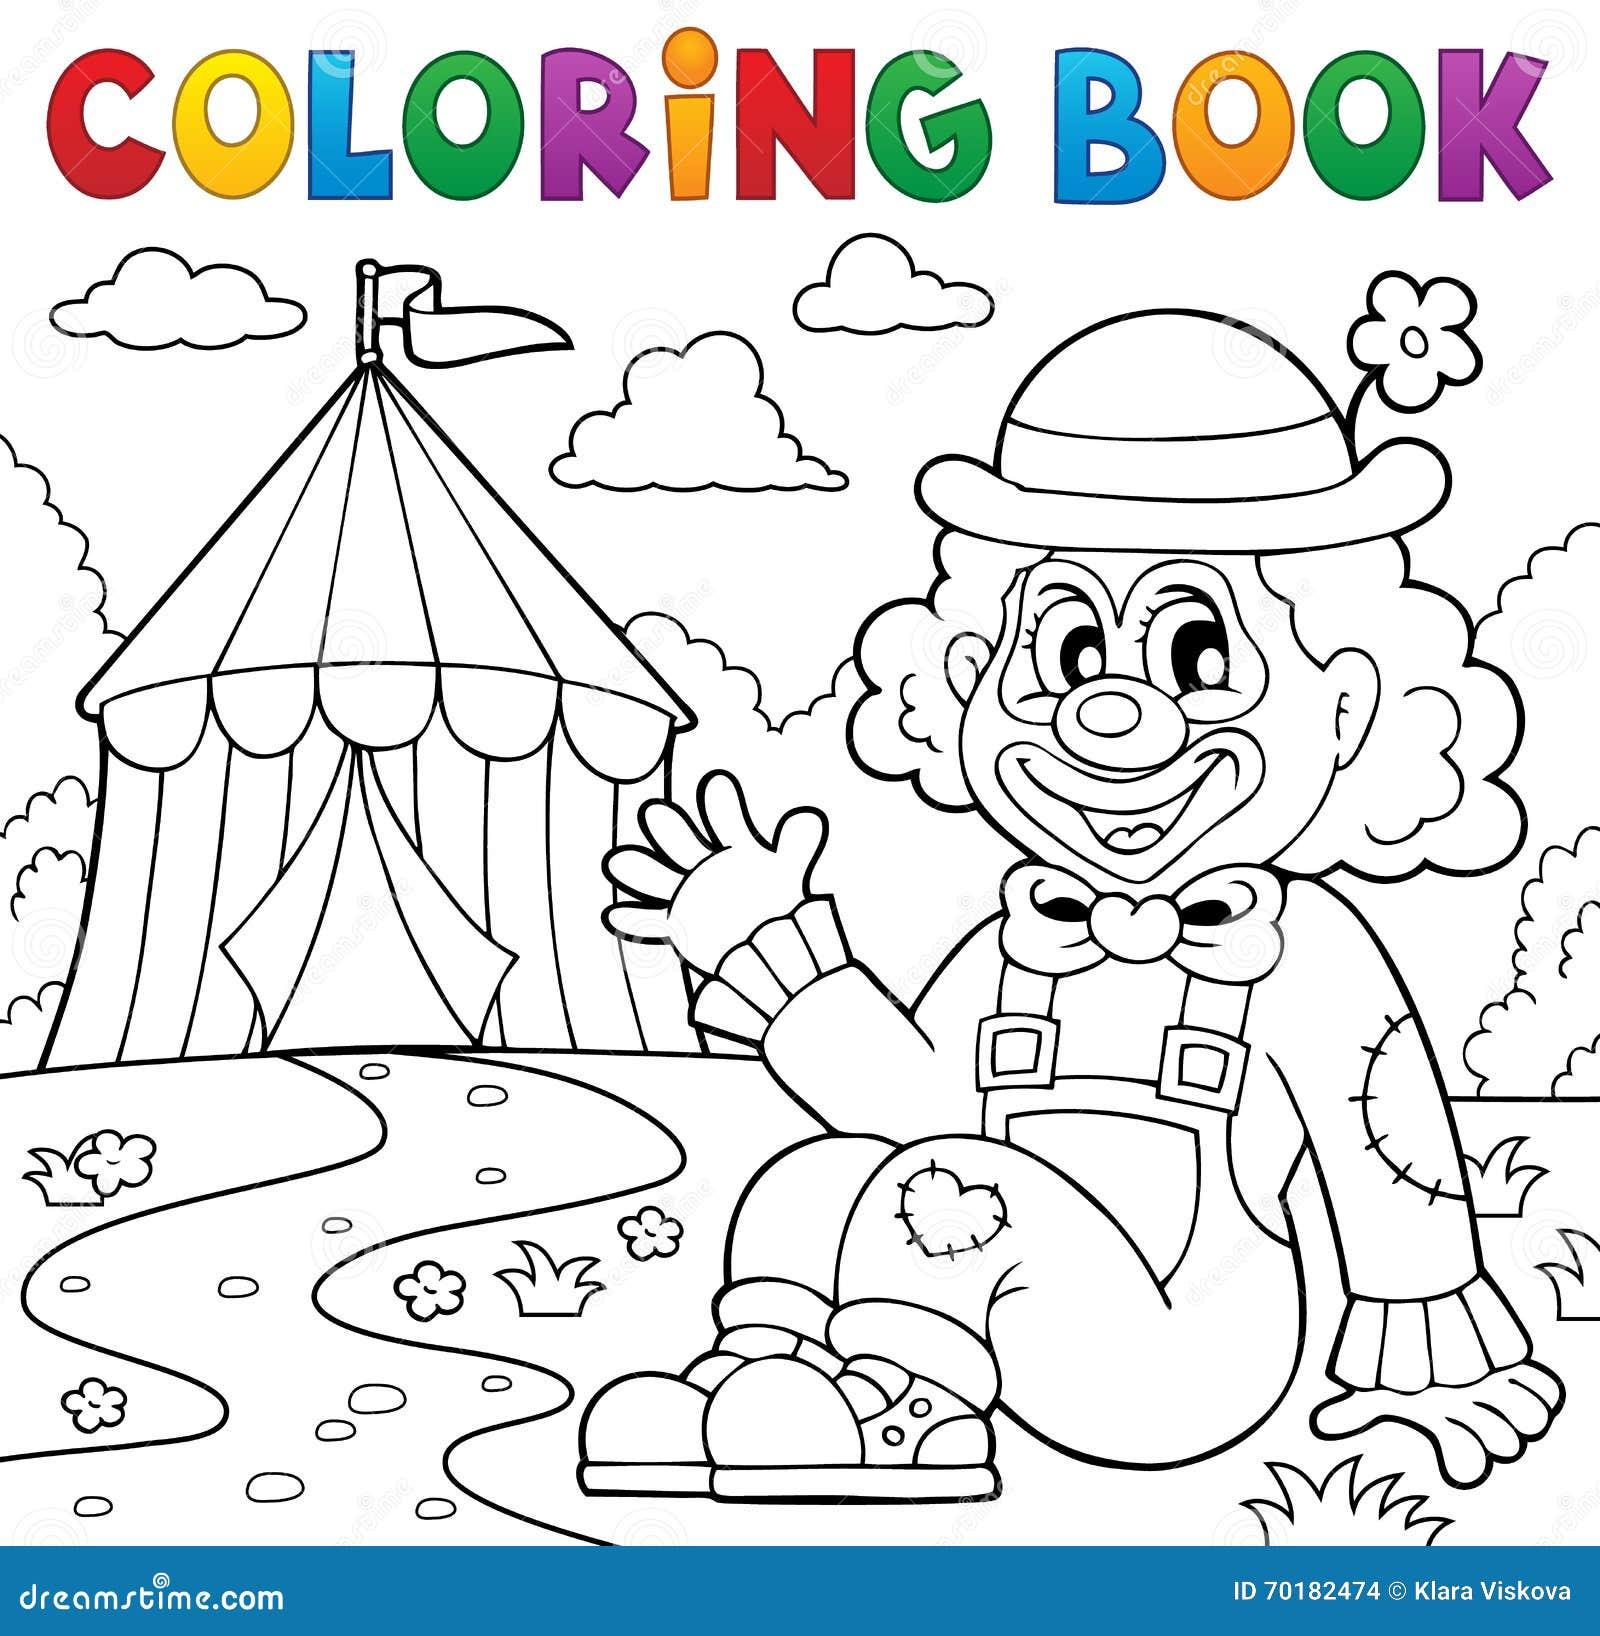 Palhaço Do Livro Para Colorir Perto Do Tema 2 Do Circo